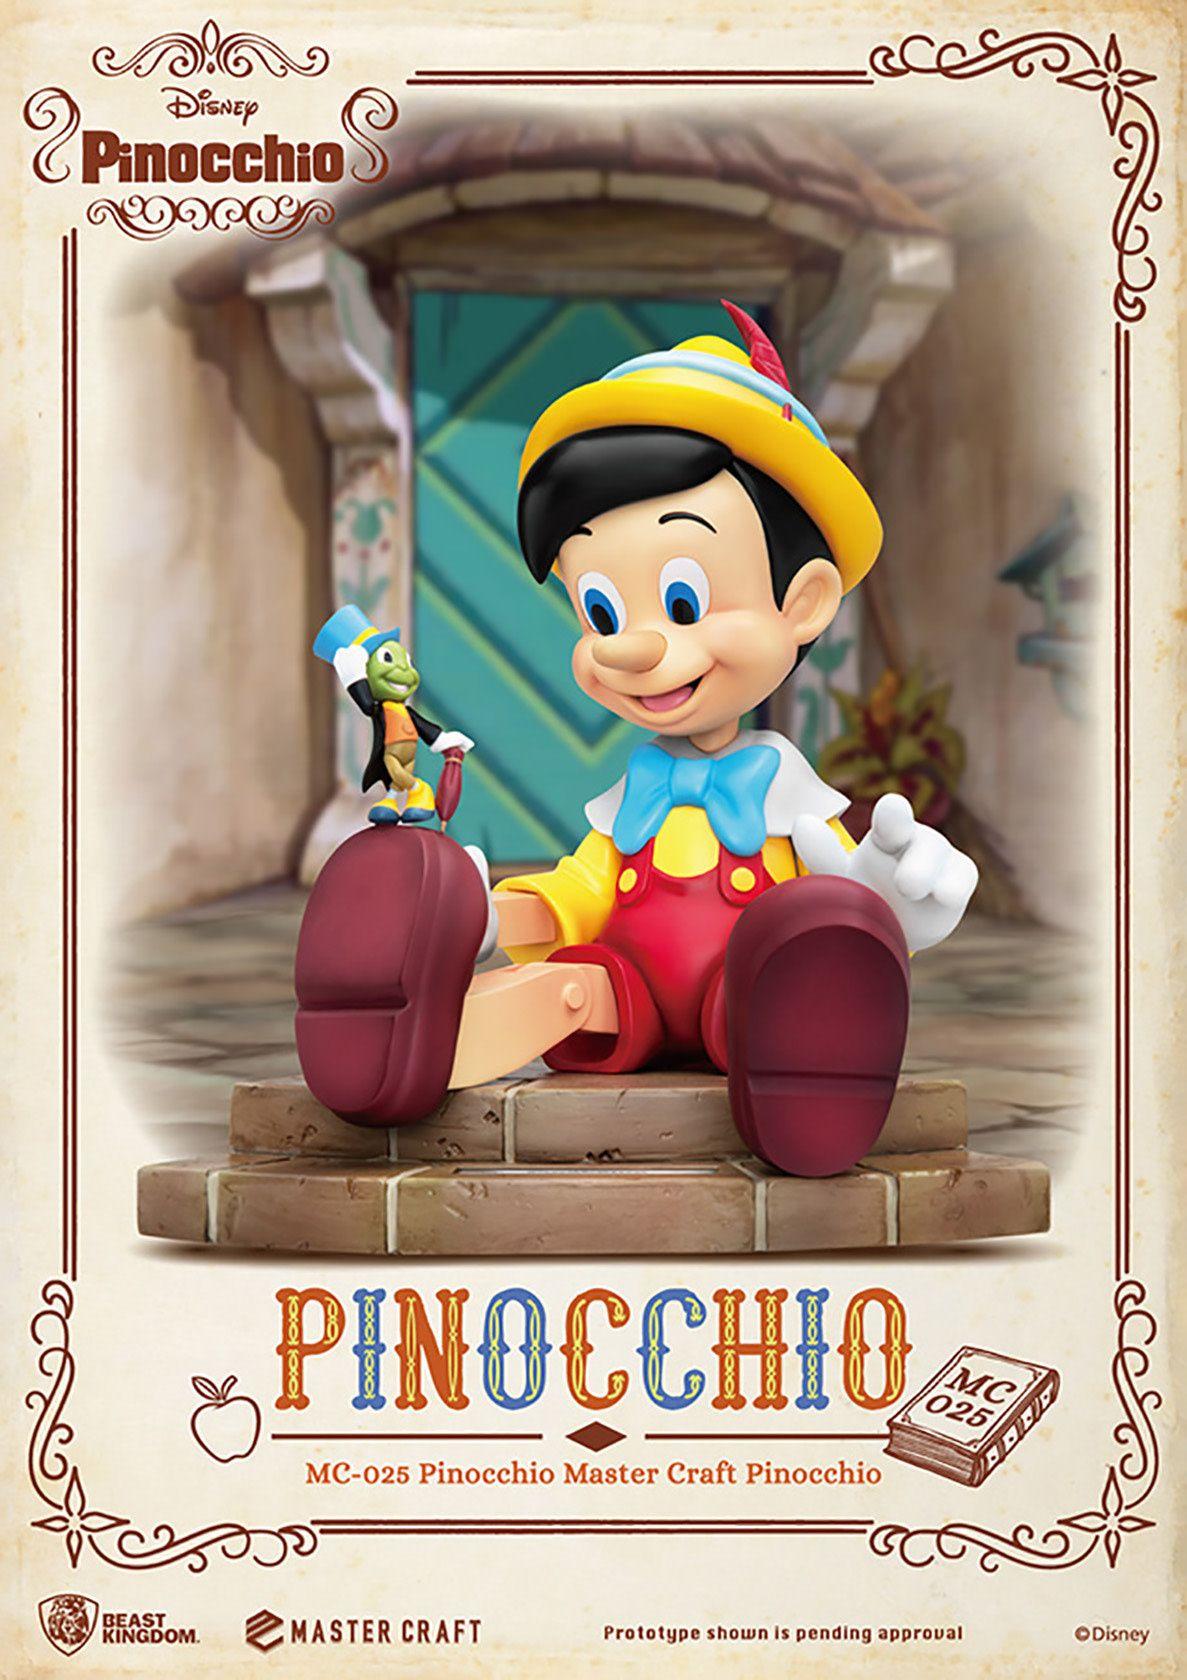 Pinocchio Master Craft Statue in 2020 Pinocchio, Disney